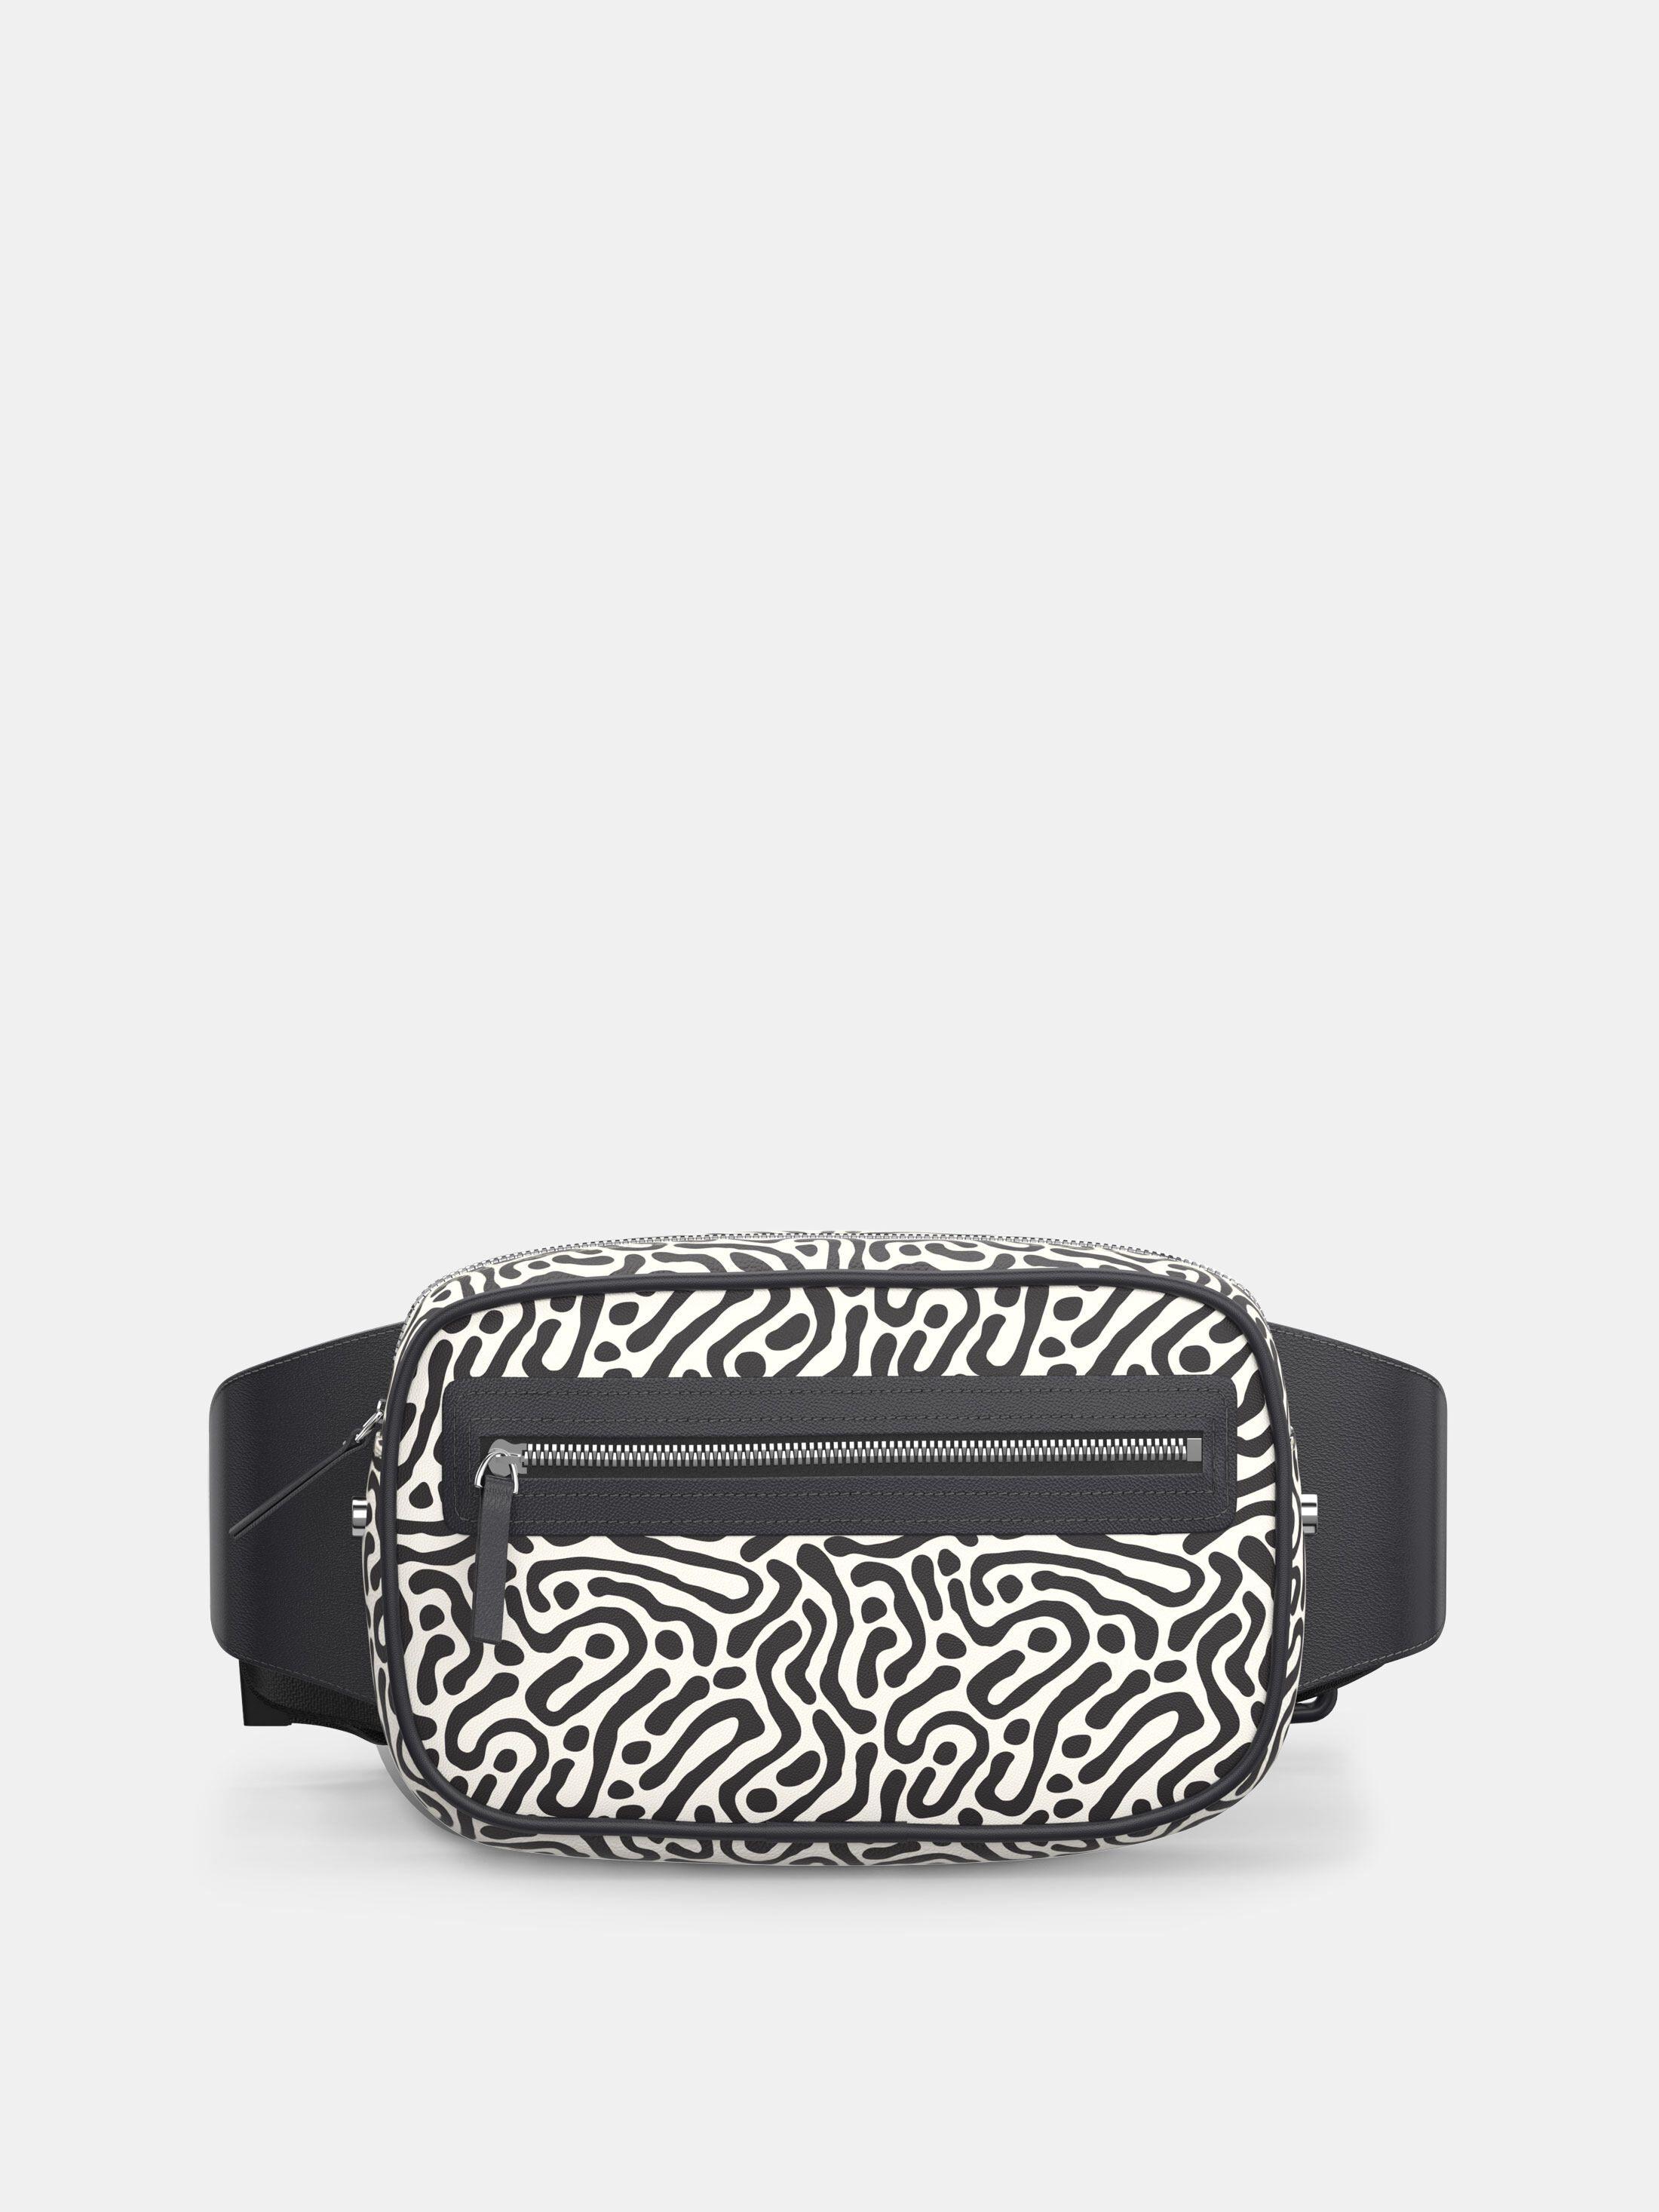 custom bum bags with zip